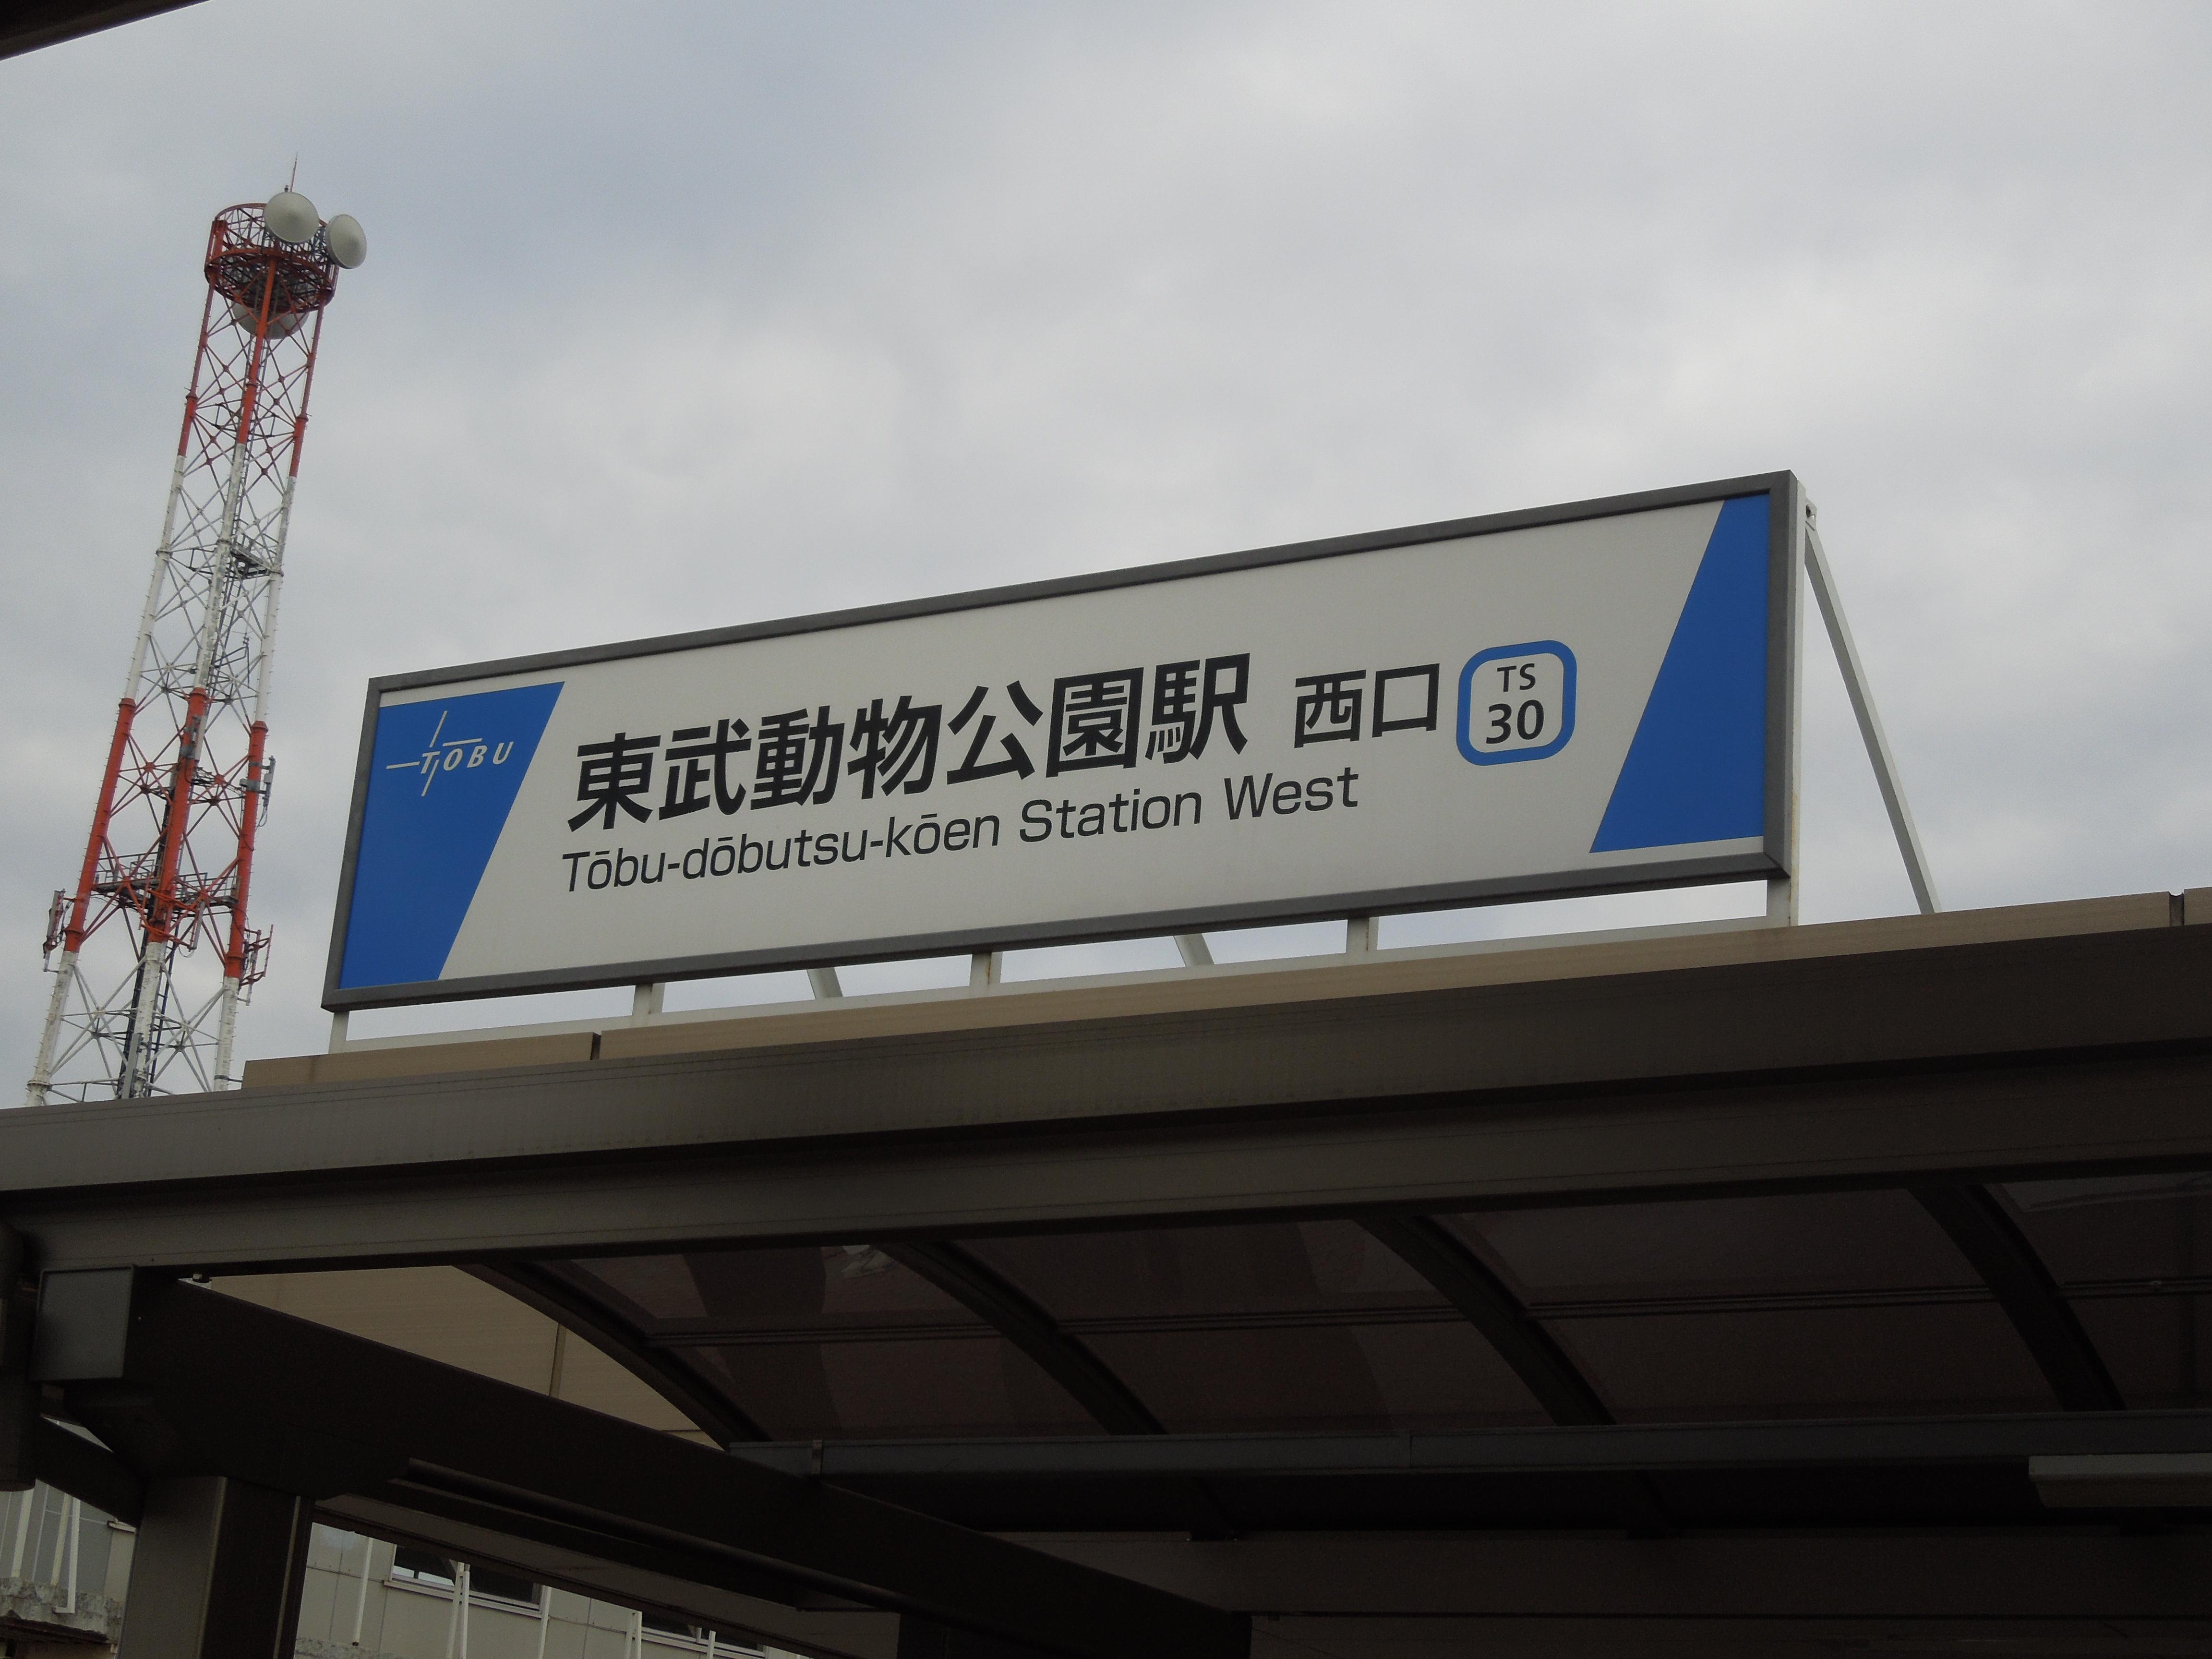 東武動物公園駅には何がある?施設、飲食店情報など。